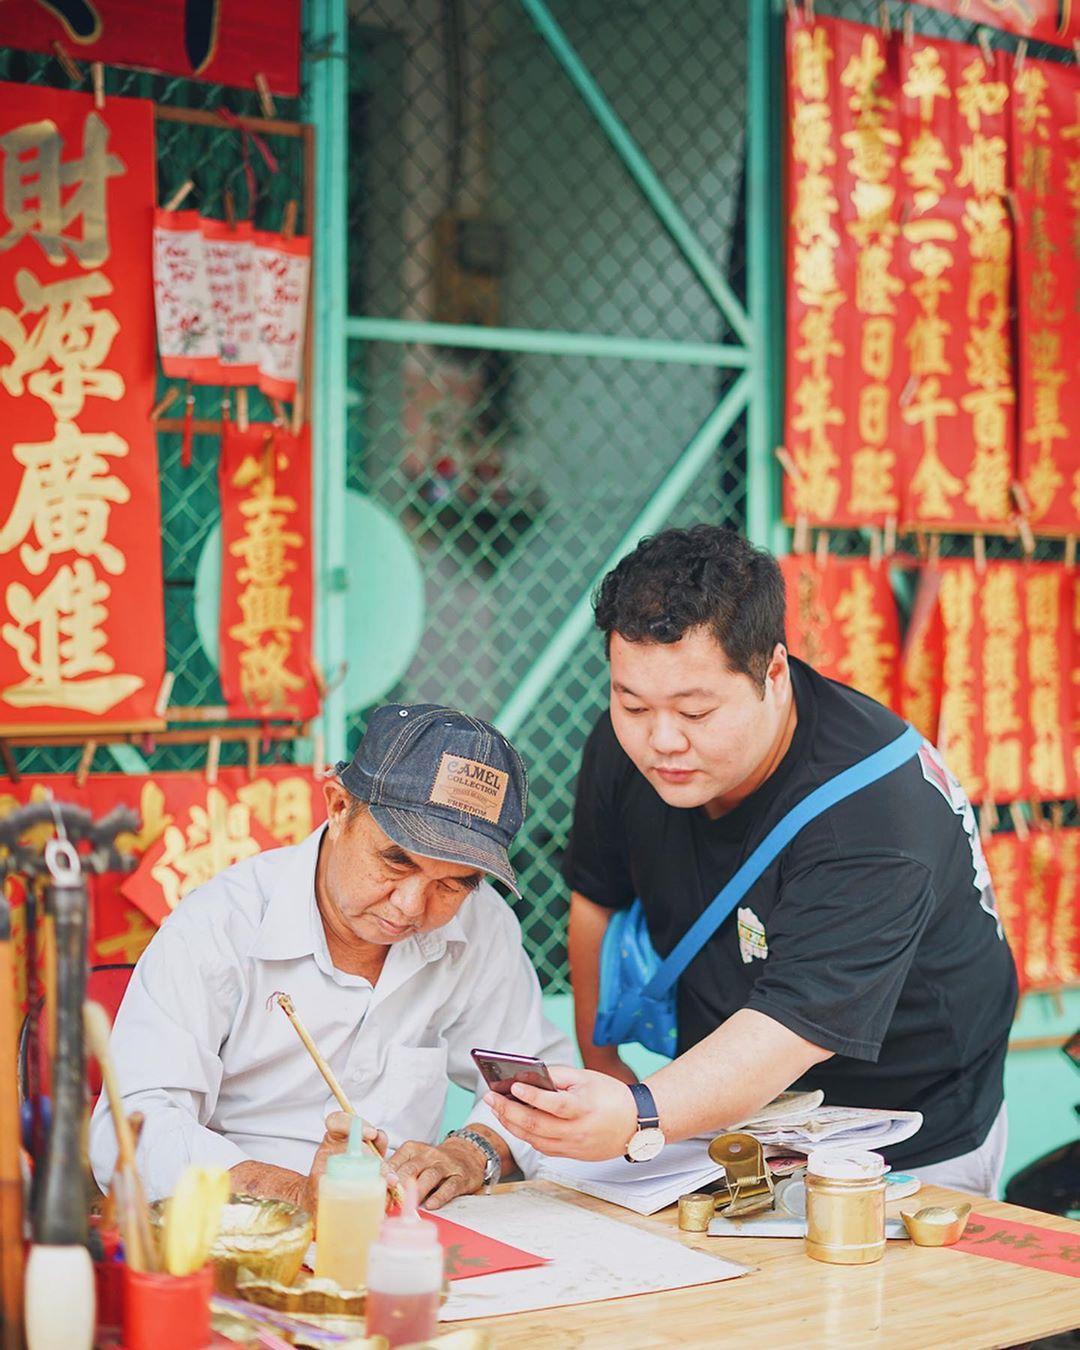 Du lich chau A khong can visa ngay tai TP.HCM hinh anh 6 china4.jpg